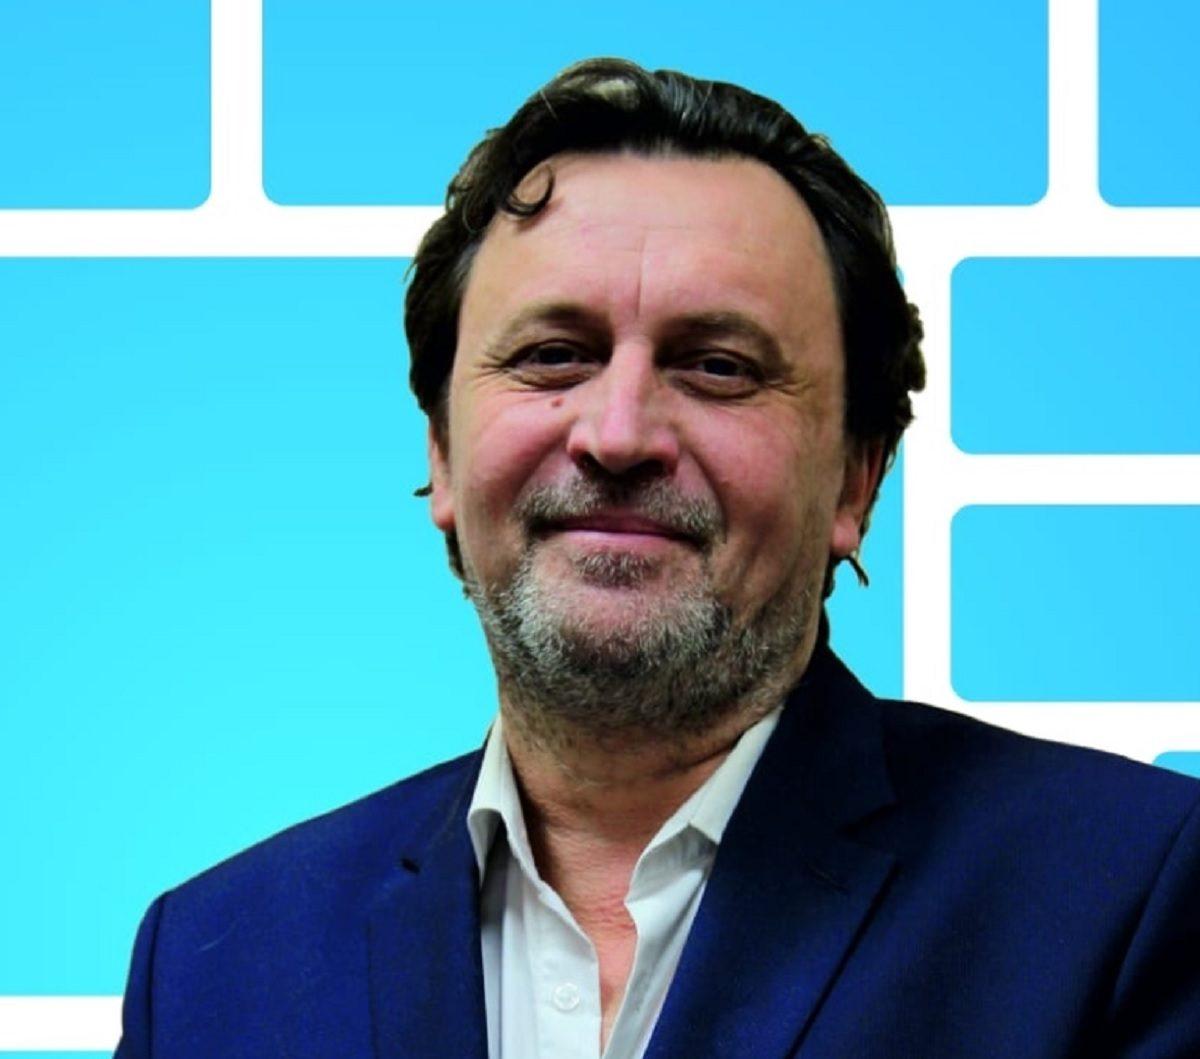 Директор Нижегородского филиала РТРС Михаил Небольсин получил орден «За заслуги перед Отечеством I степени»